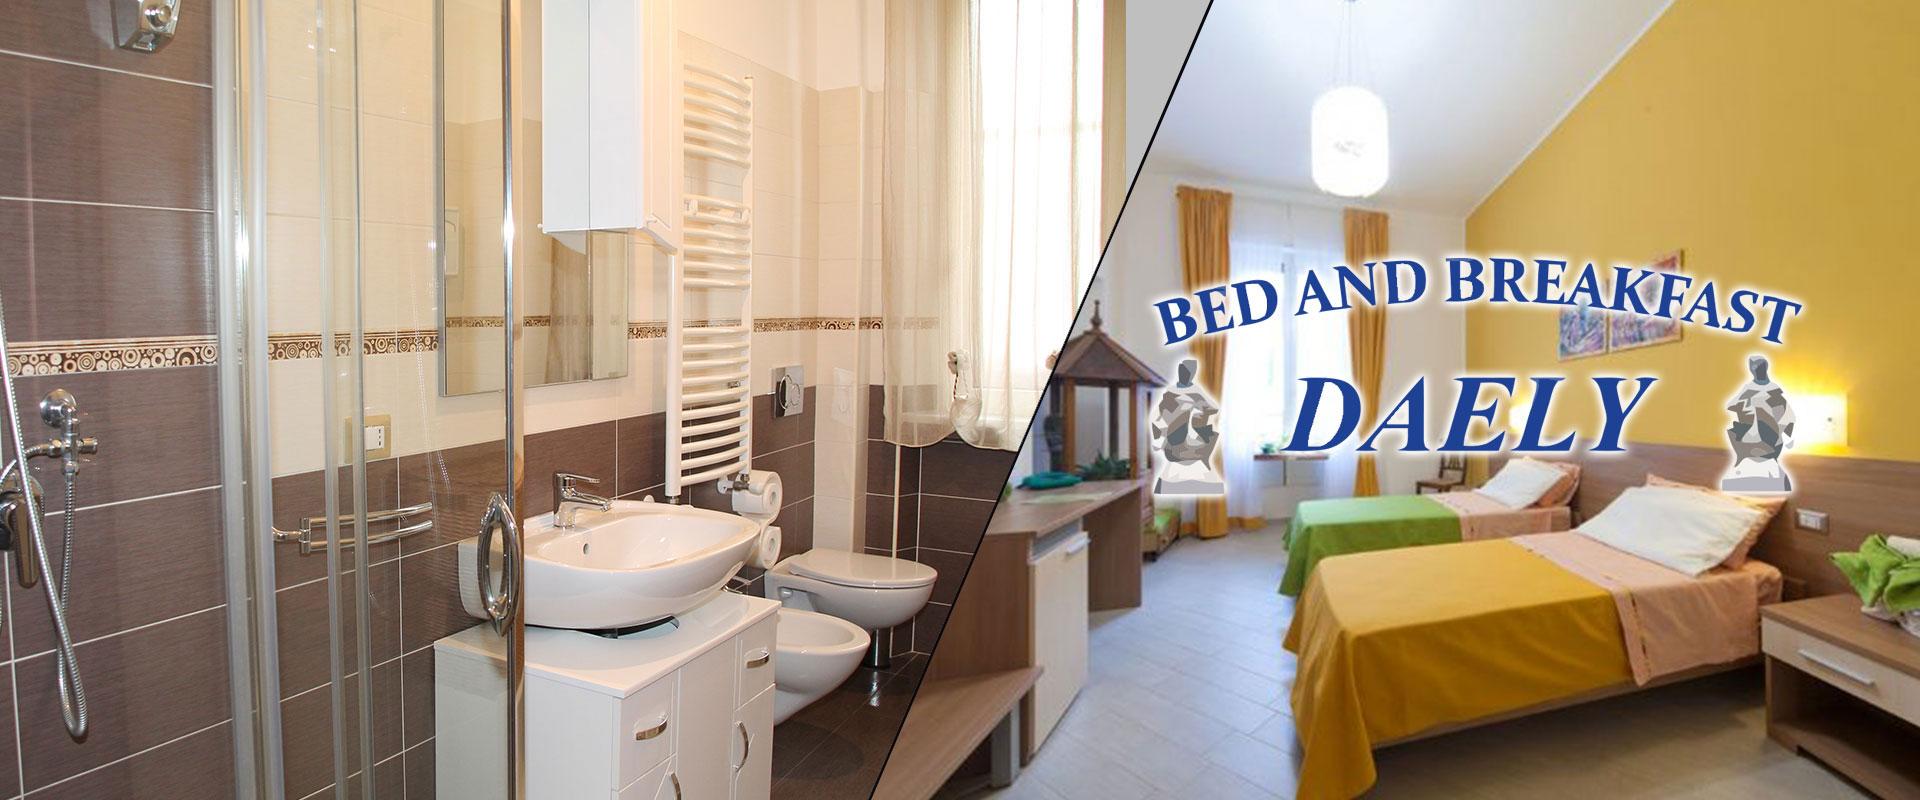 Da Ely - Bed and Breakfast in zona centro a Messina vicino Università e Tribunale